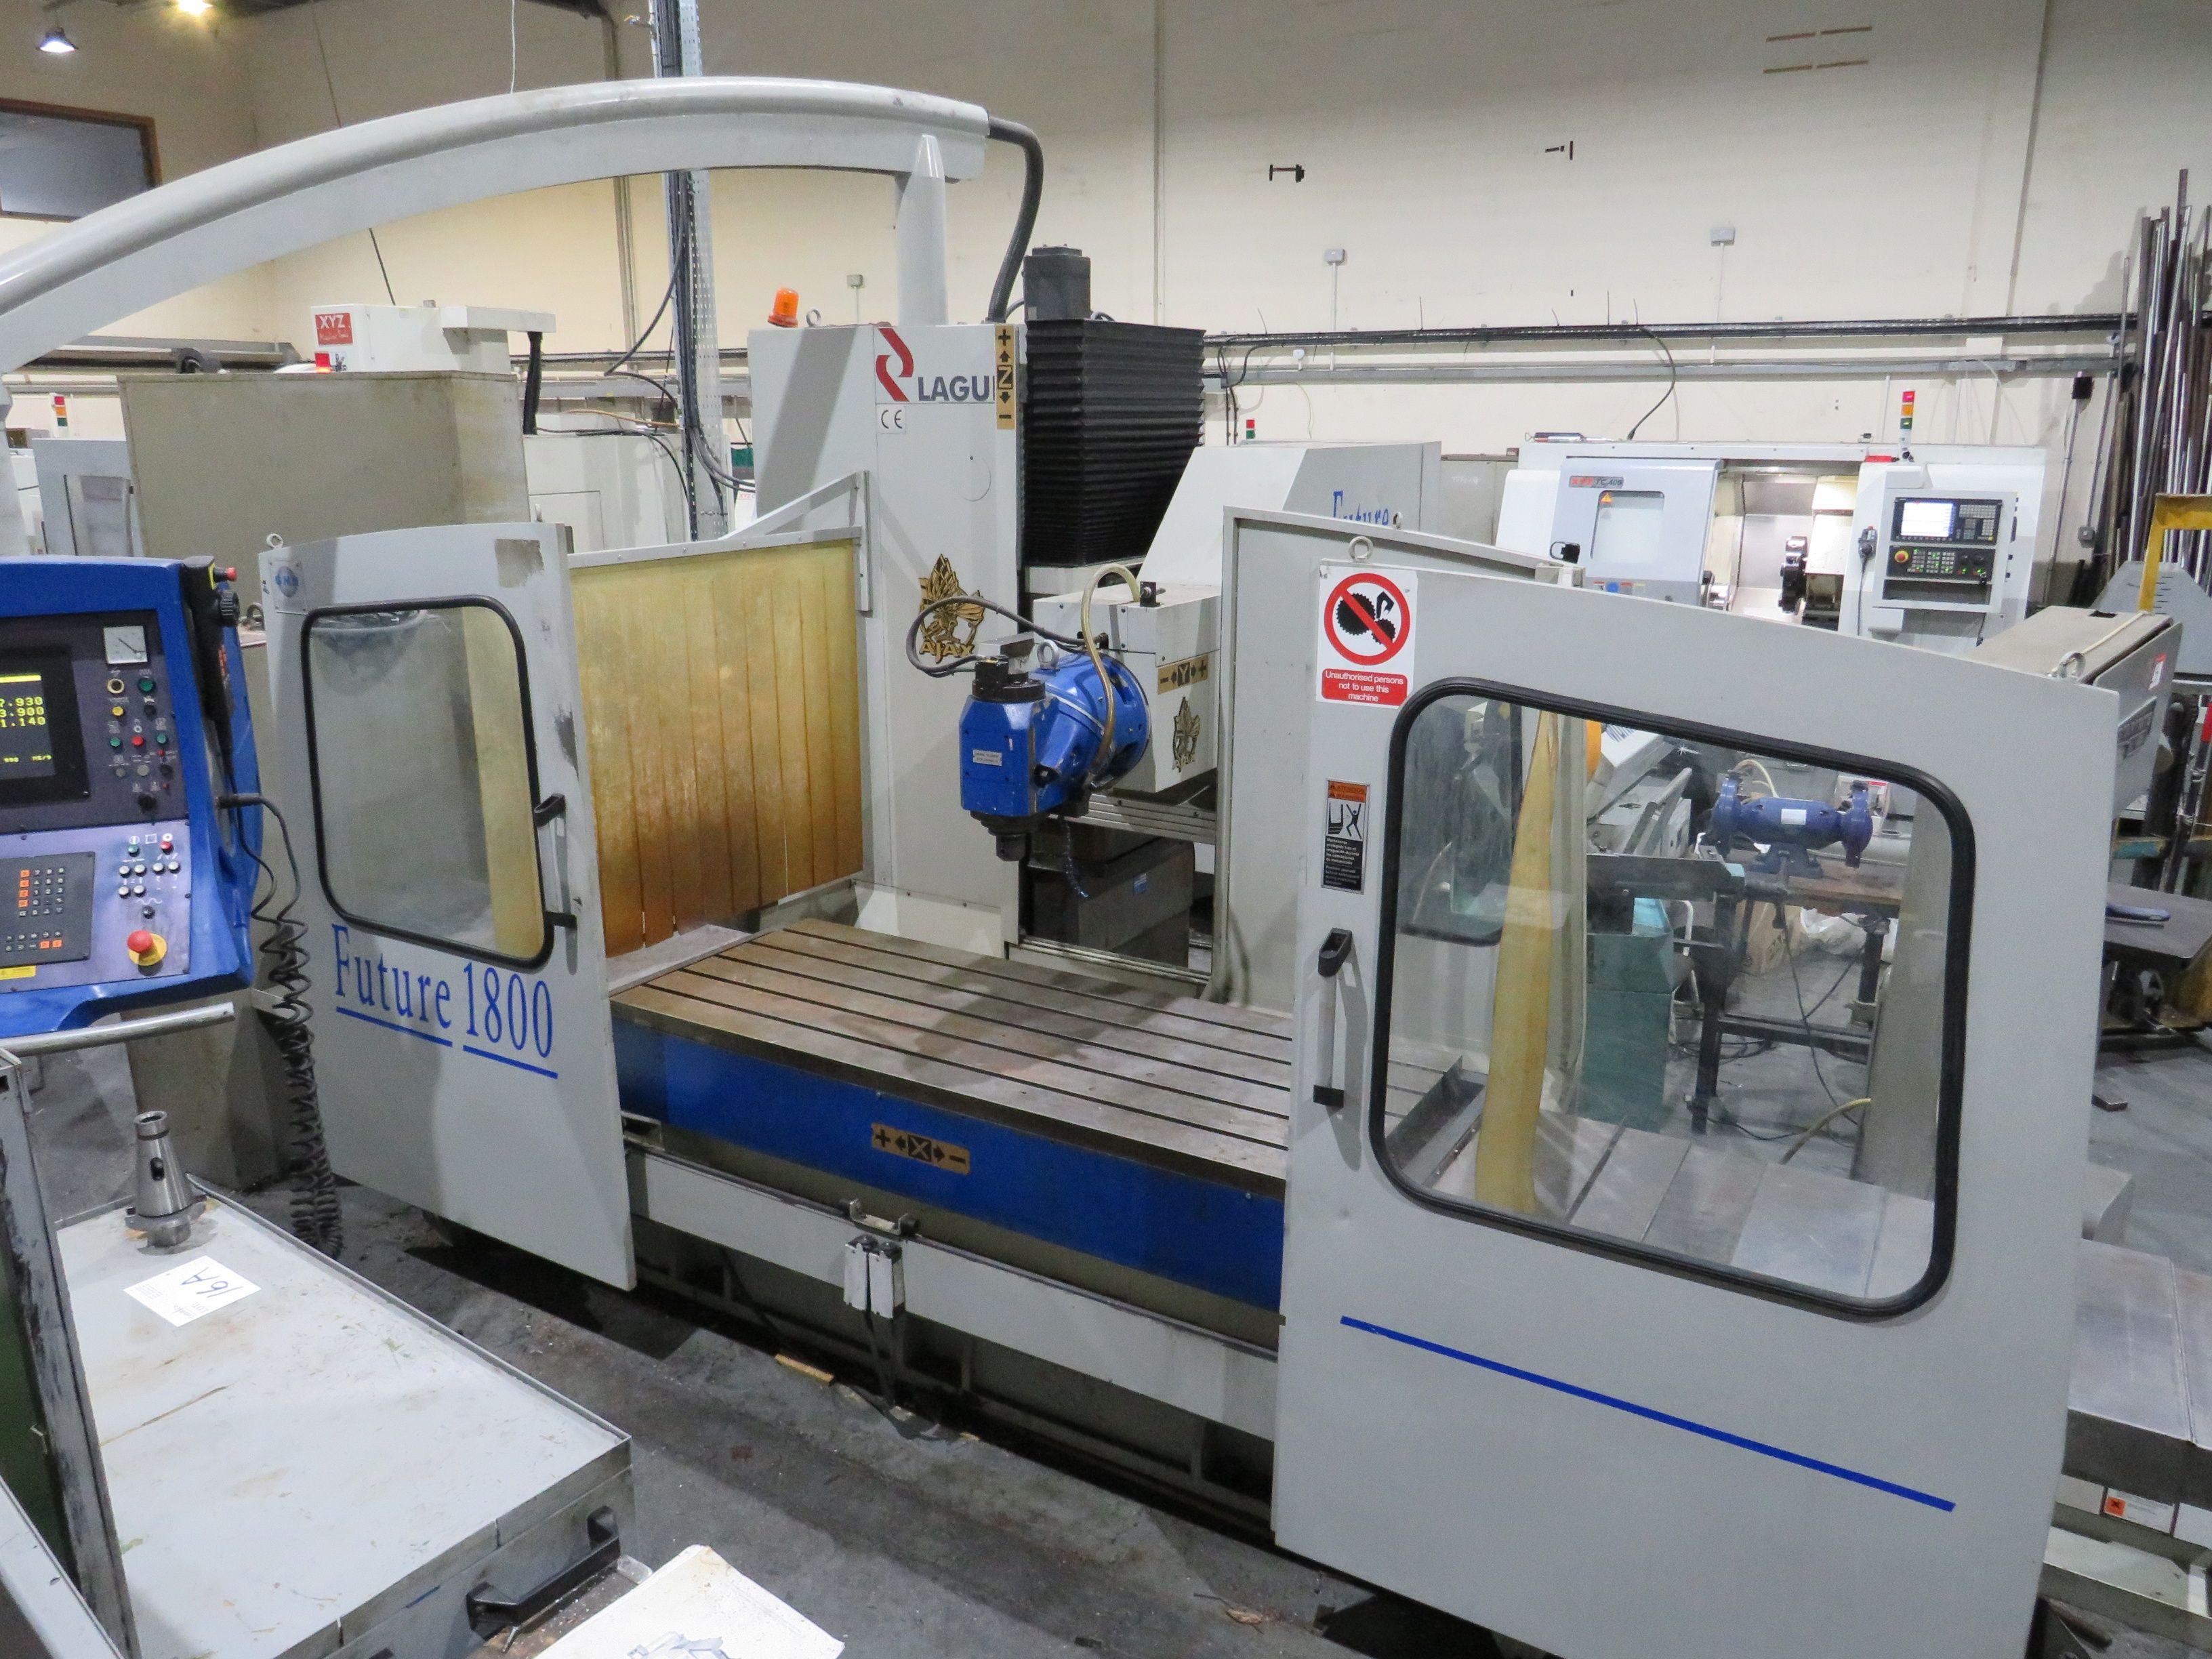 Lagun Future 1800 Fräsmaschine